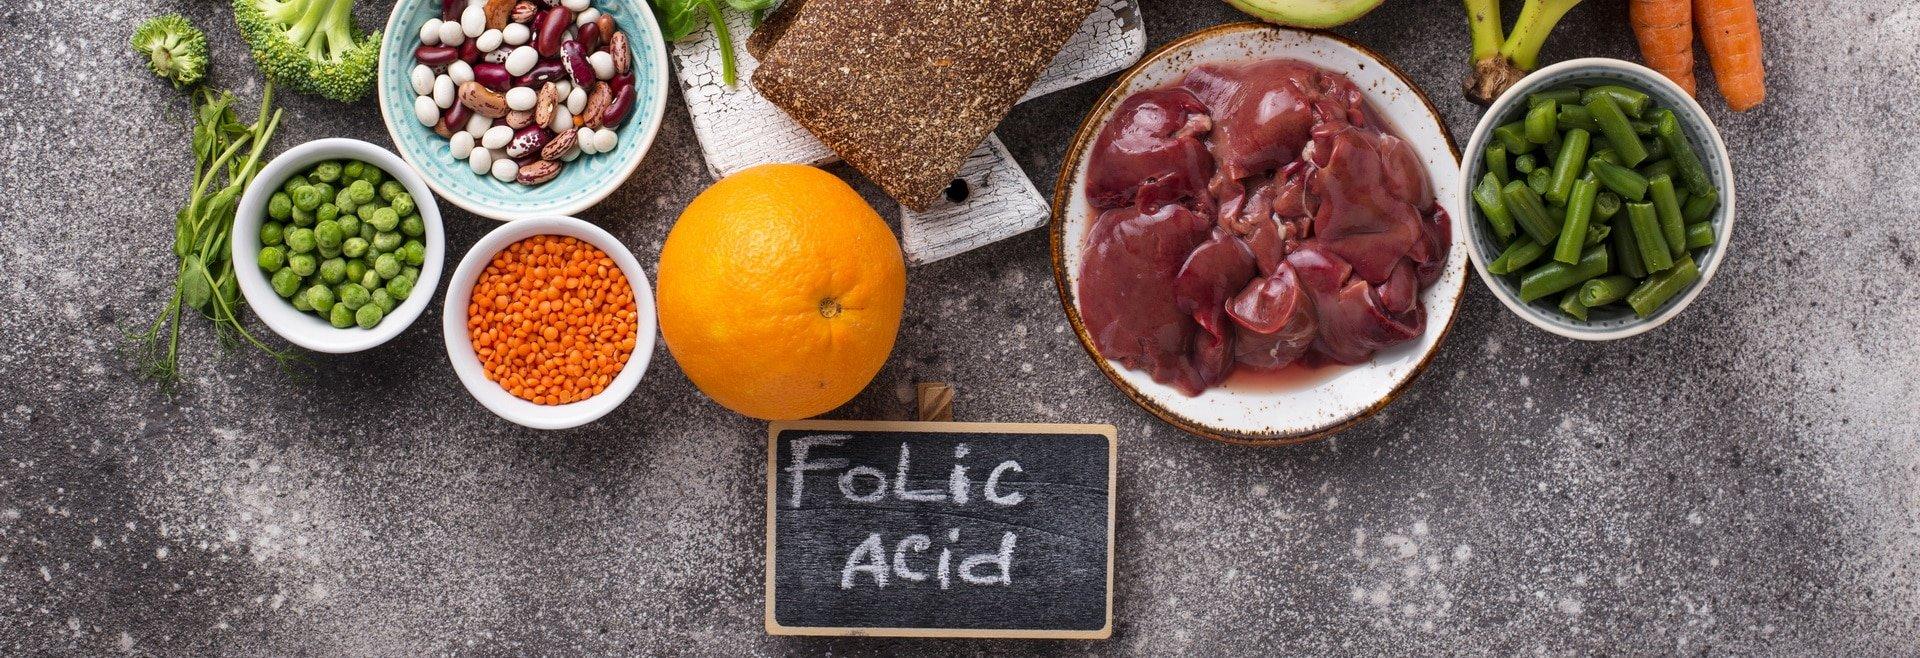 Acido Folico e Carenza Folica